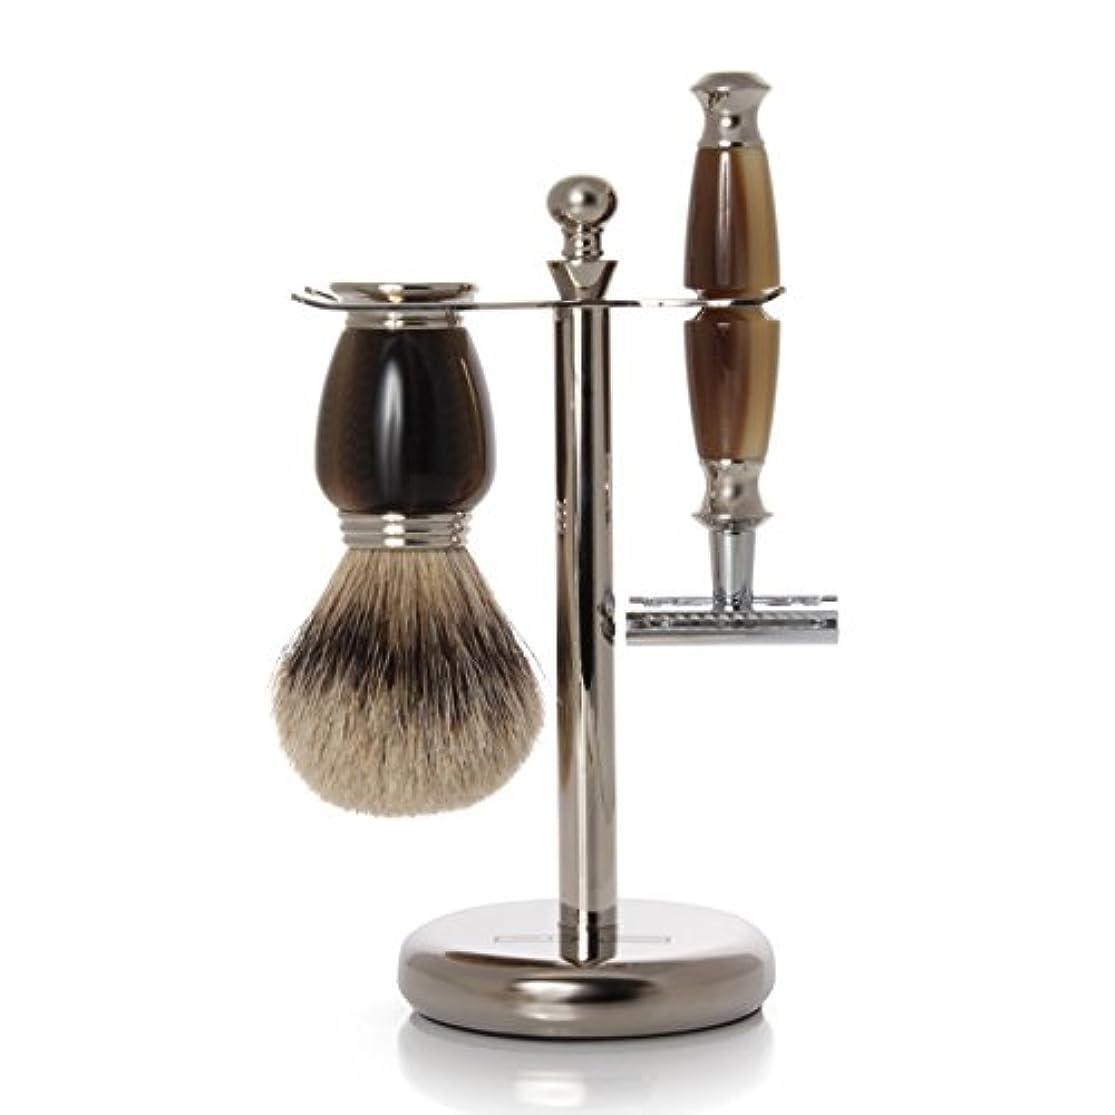 解明するアプライアンス高揚したGOLDDACHS Shaving Set, Safety Razor, Silvertip, Galalith